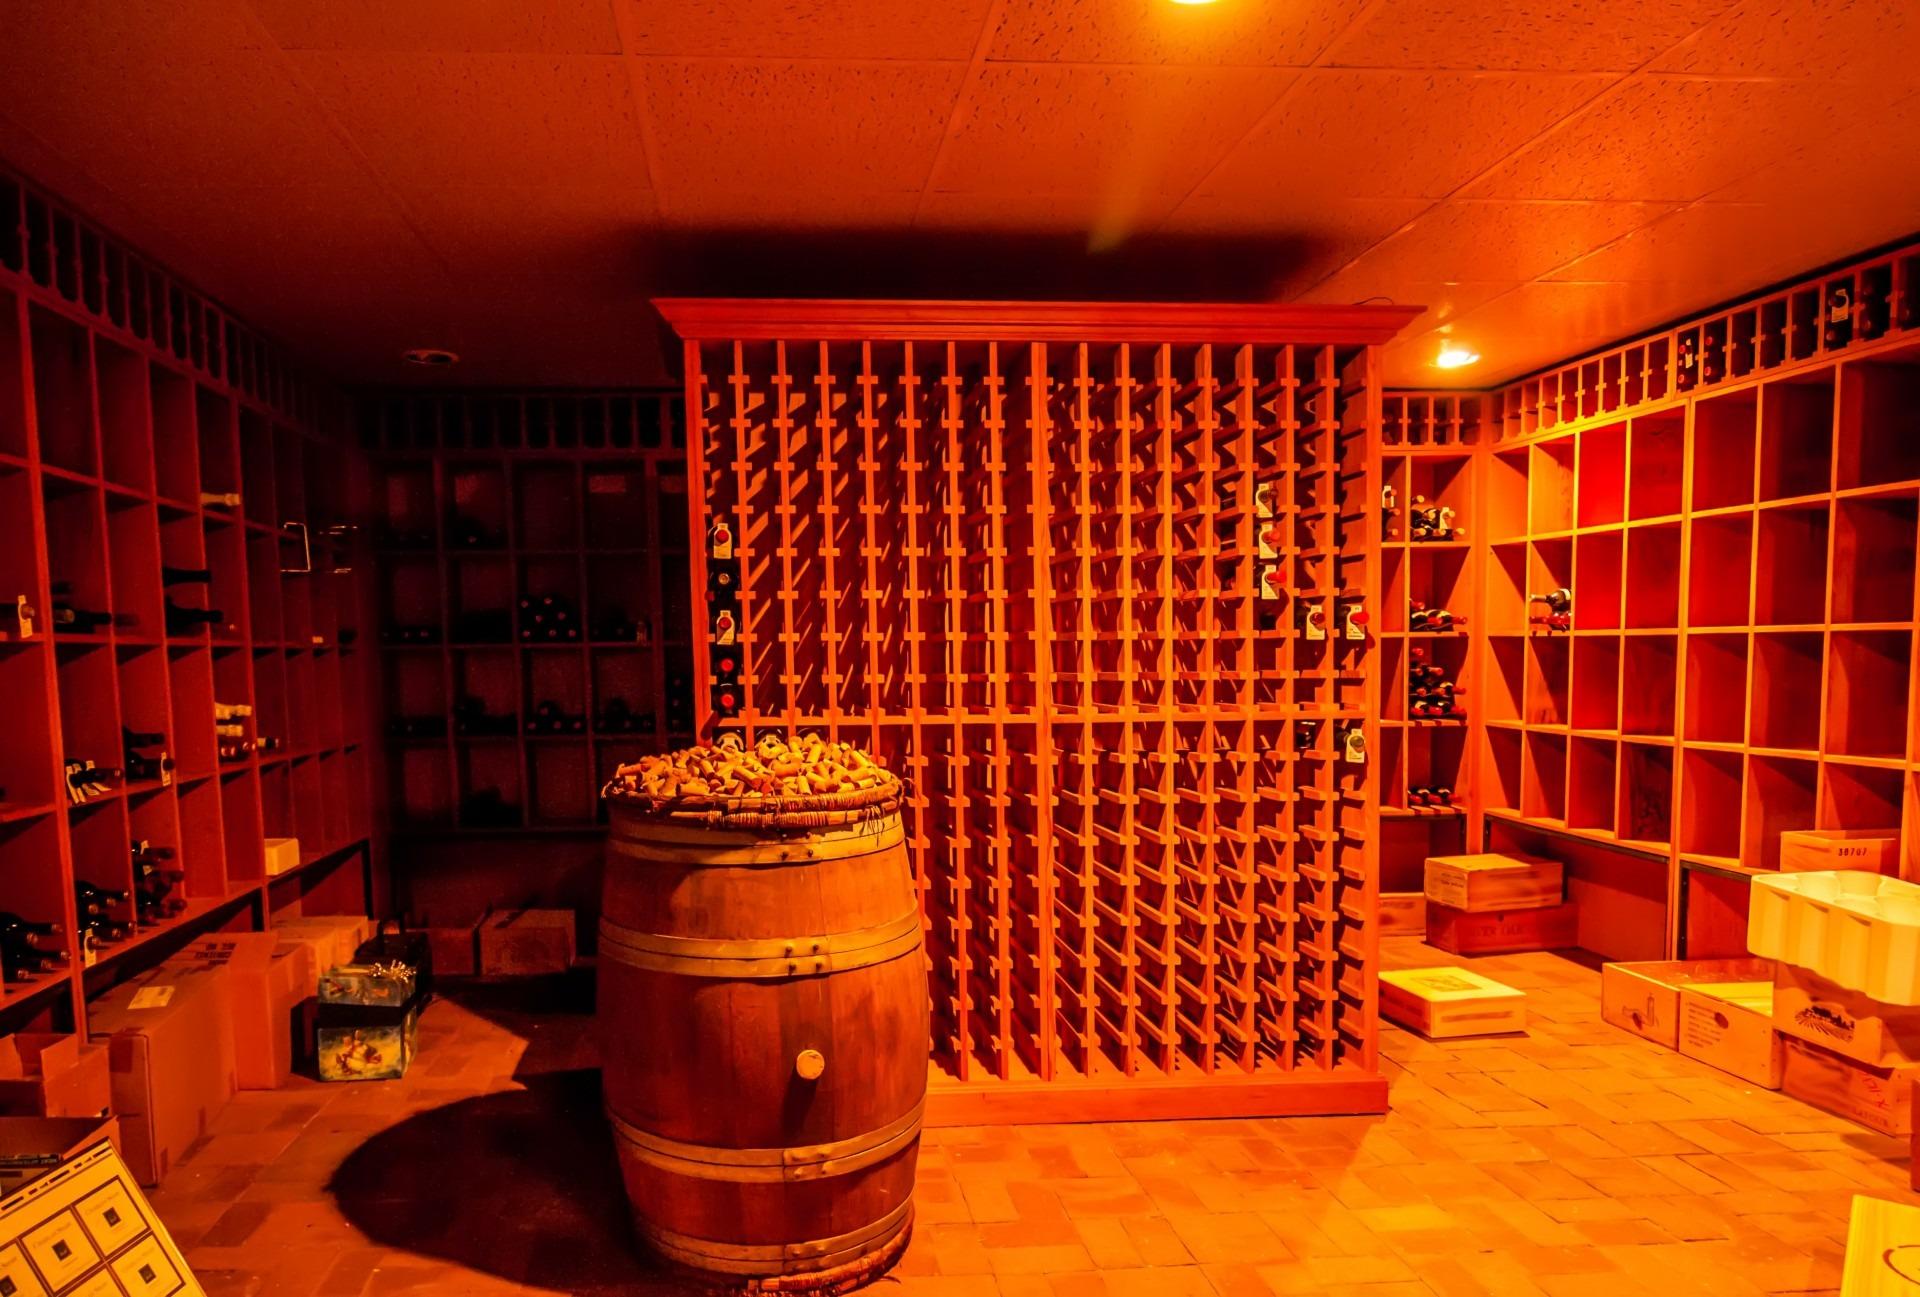 Kostenlose foto : Wein, Bar, unter Tage, Orange, Geschäft, Getränk ...